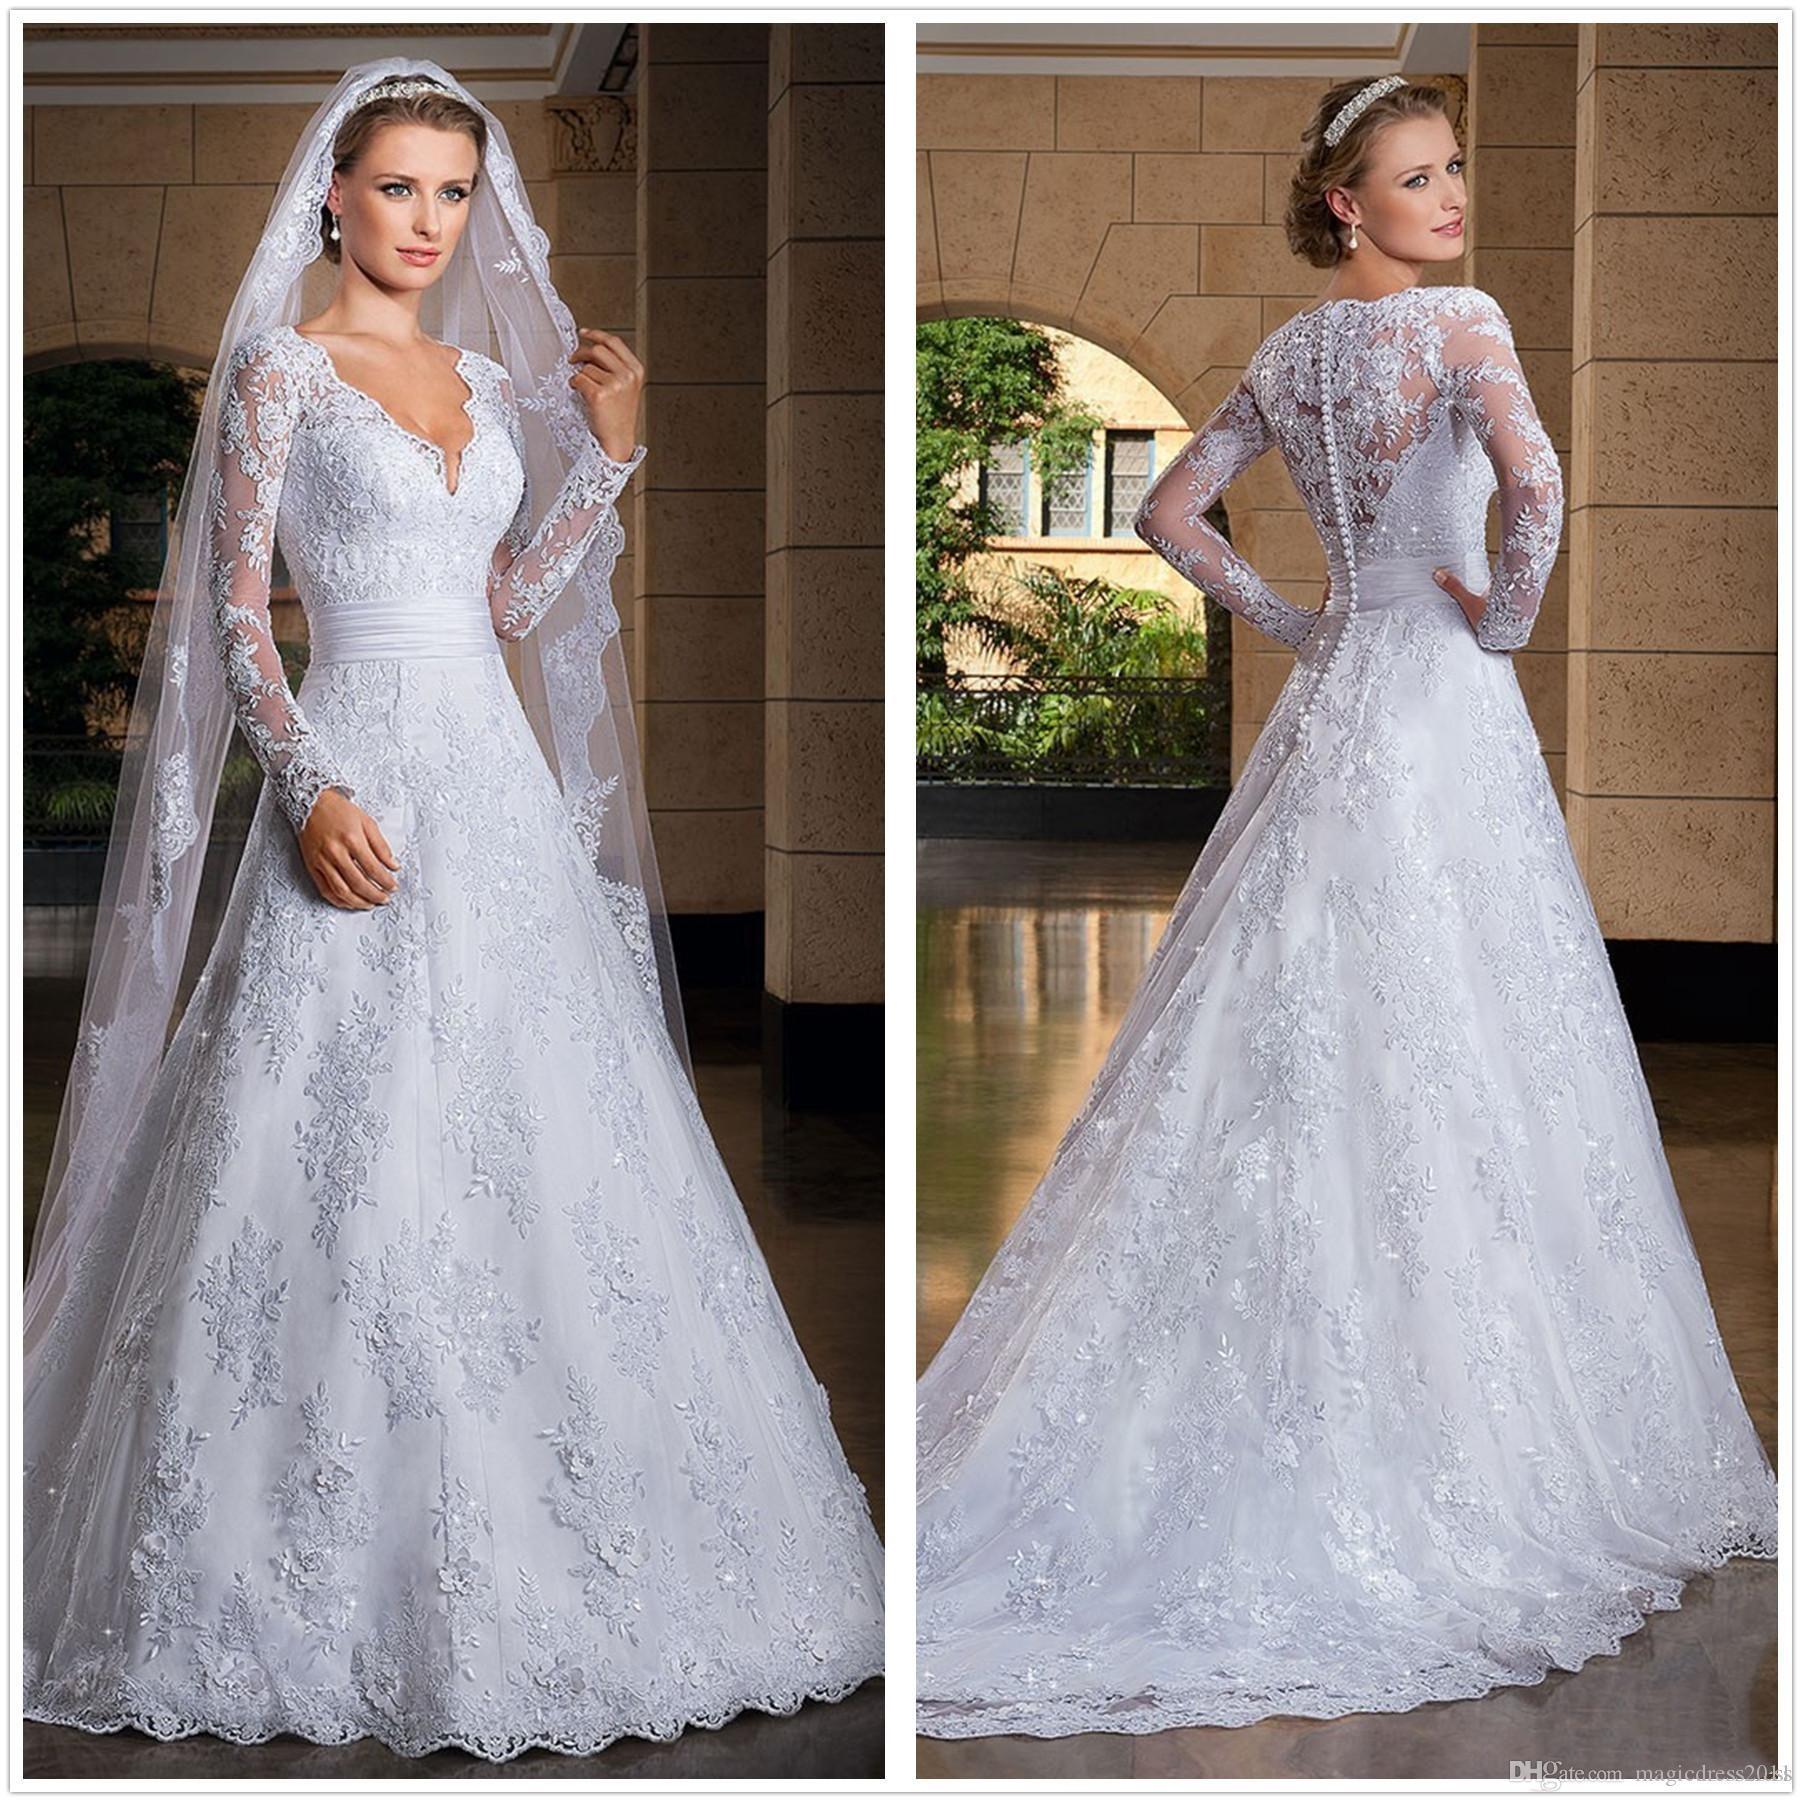 Elegante de manga larga de encaje una línea vestidos de boda apliques de tul con cuello en V de novia vestidos de boda con los botones Vestidos de boda